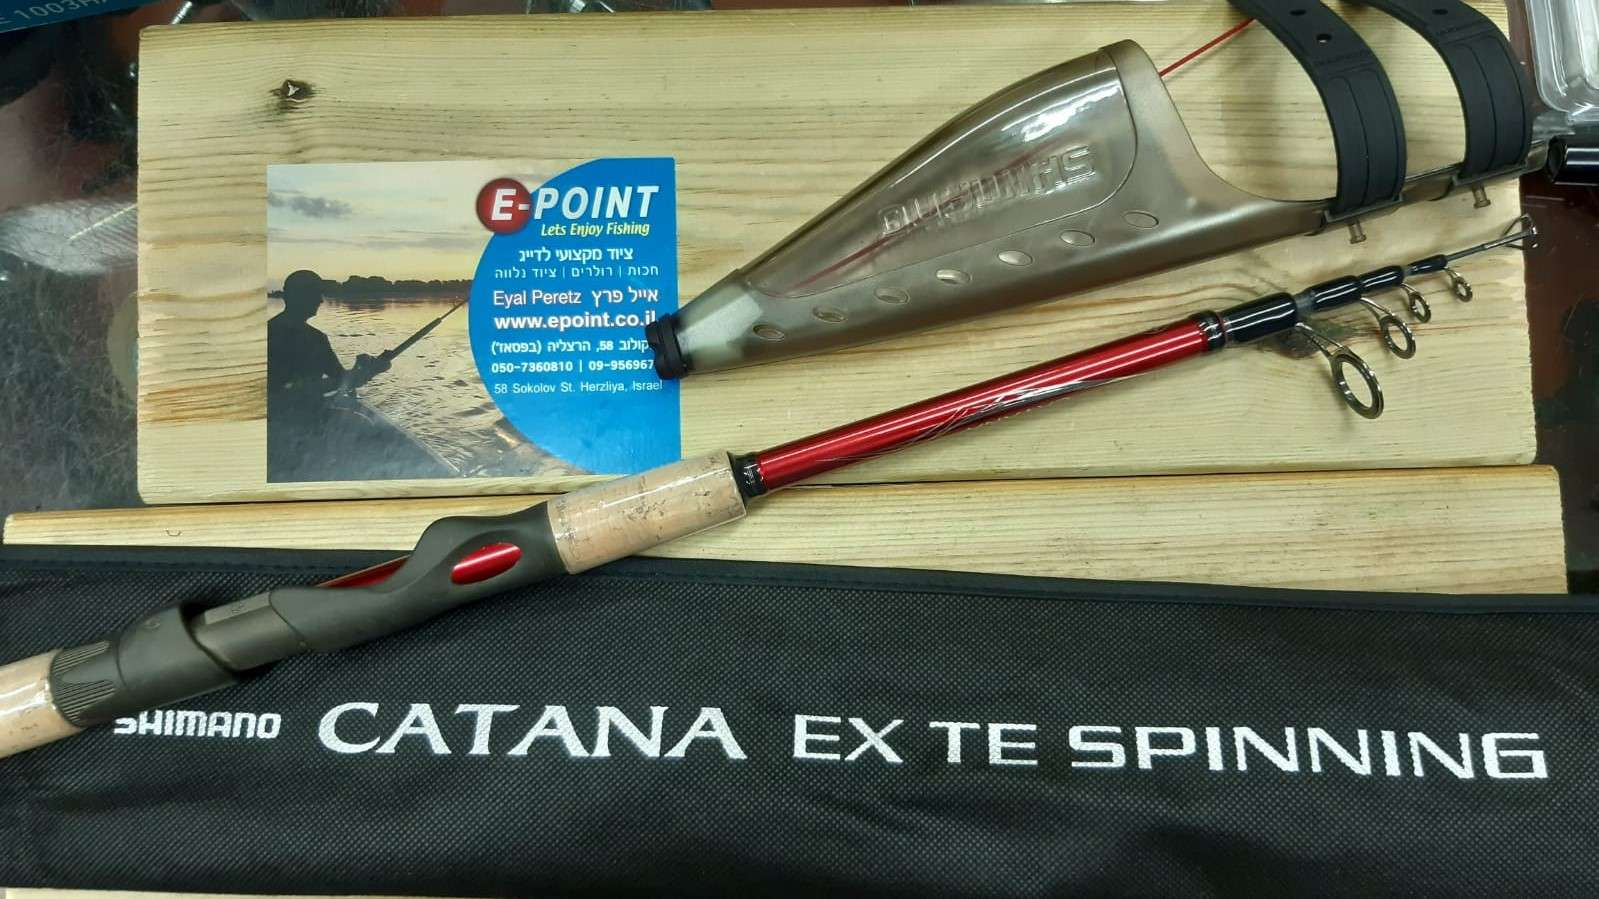 shimano Catana EX TE Spinning 210